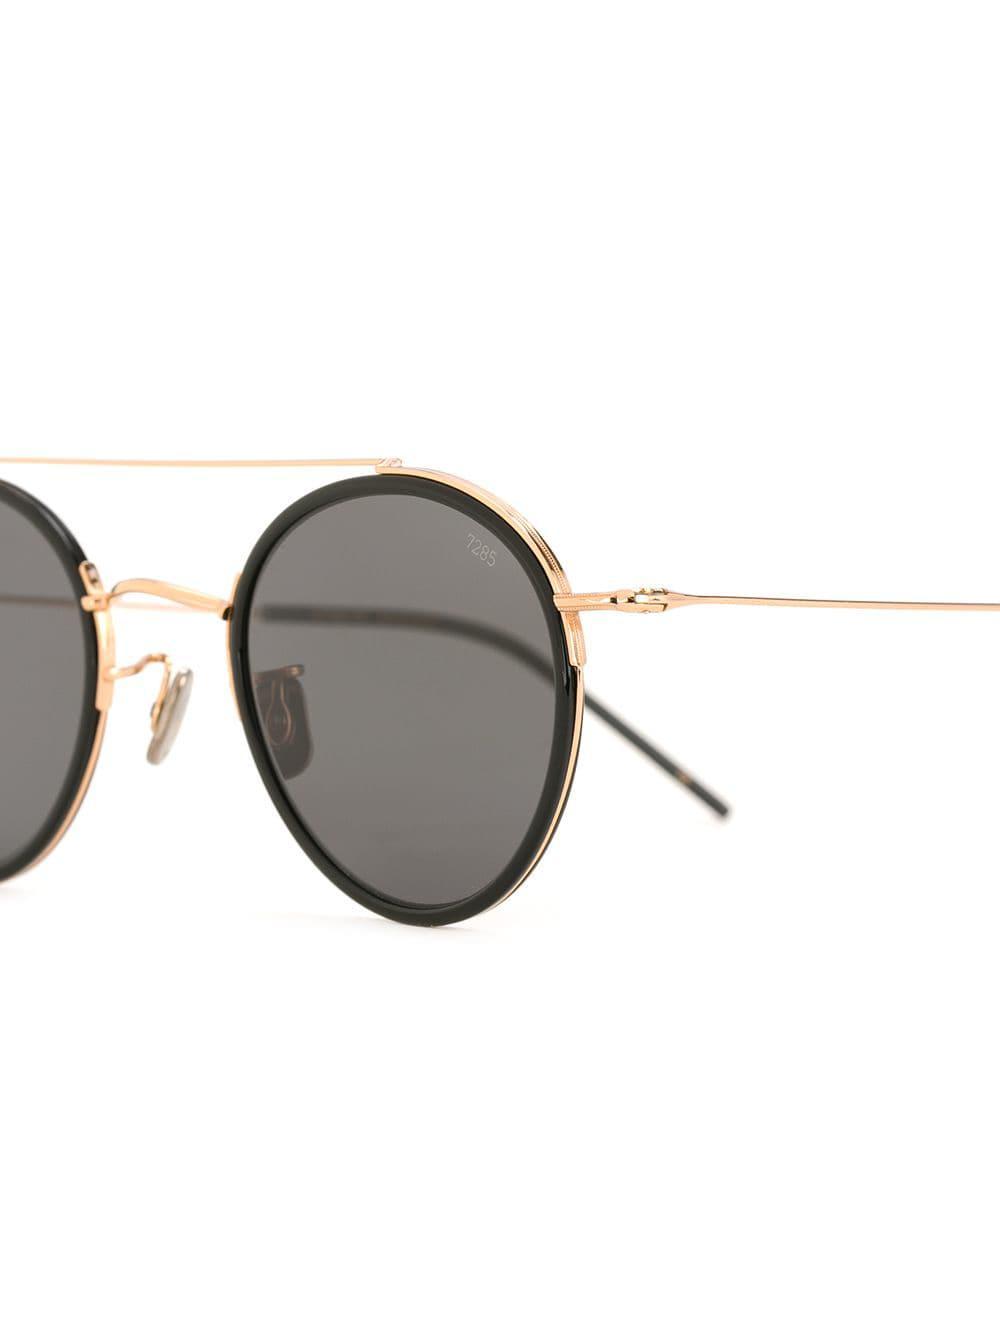 ace4ab706d2 Eyevan 7285 - Metallic Round Frame Sunglasses for Men - Lyst. View  fullscreen